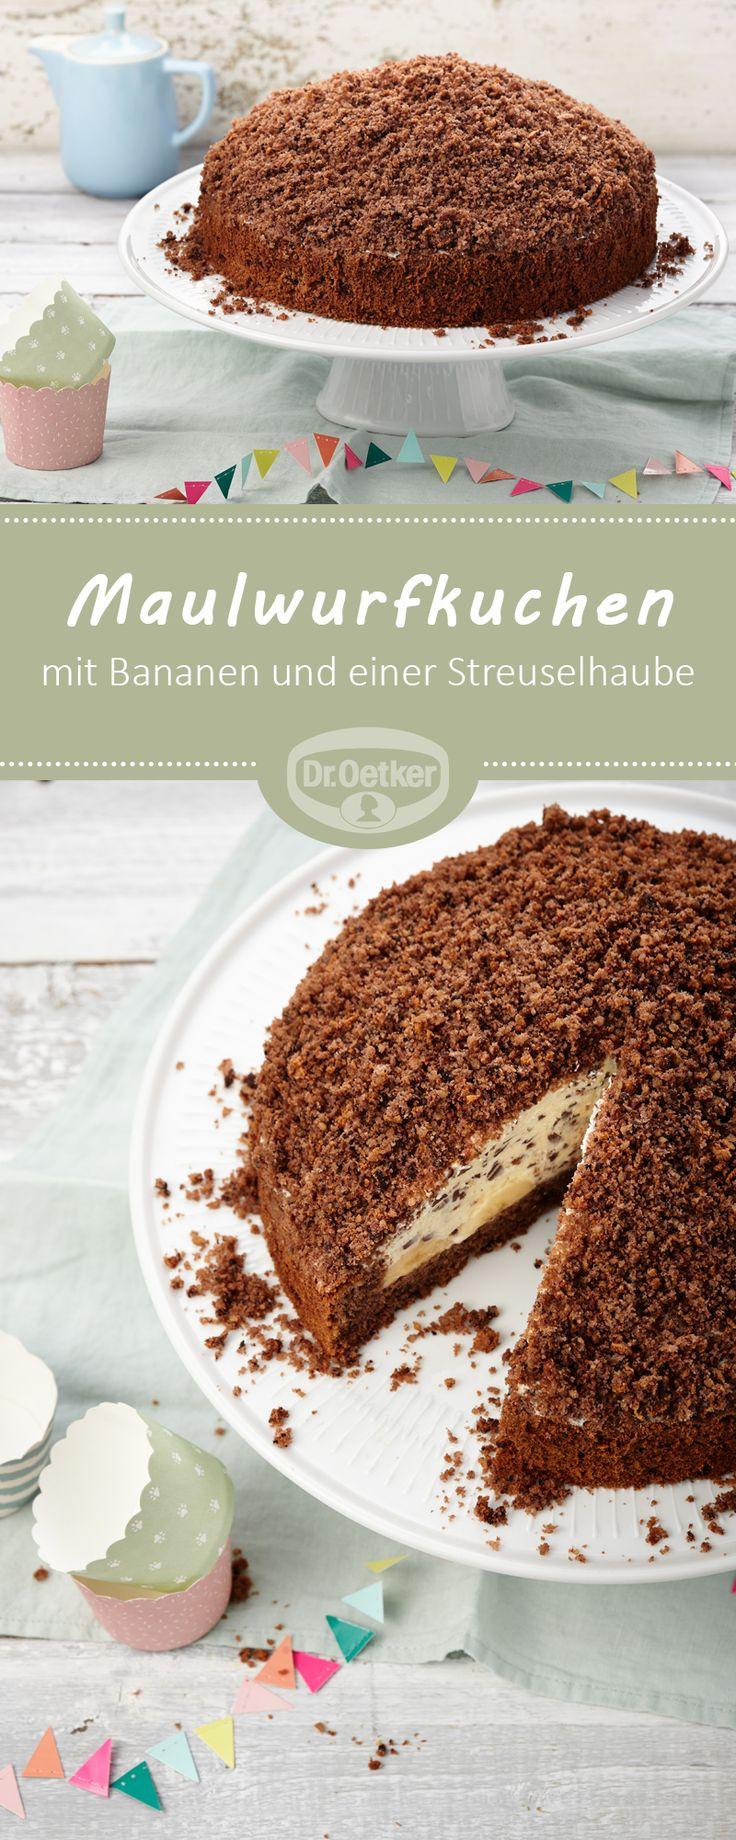 Maulwurfkuchen: Eine sahniger Kuchen mit Bananen und einer Streuselhaube #kuchen #torte